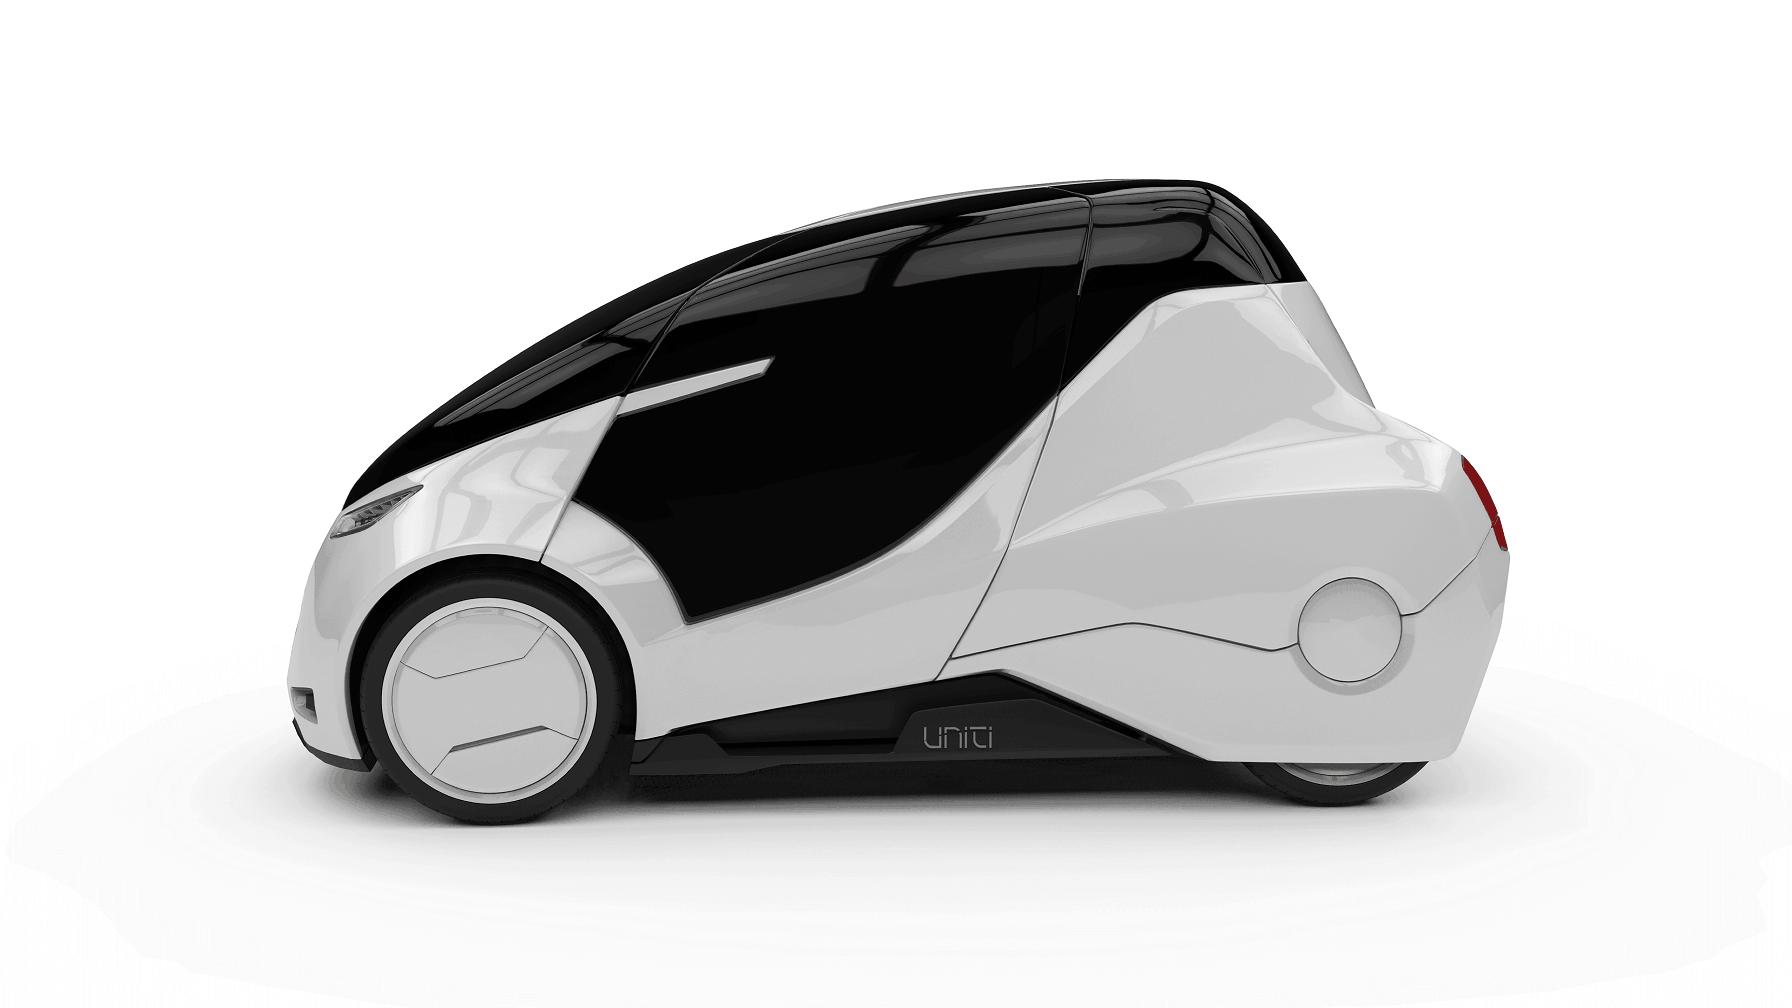 Schwedens Auto-Revolution: Das Elektroauto von Uniti